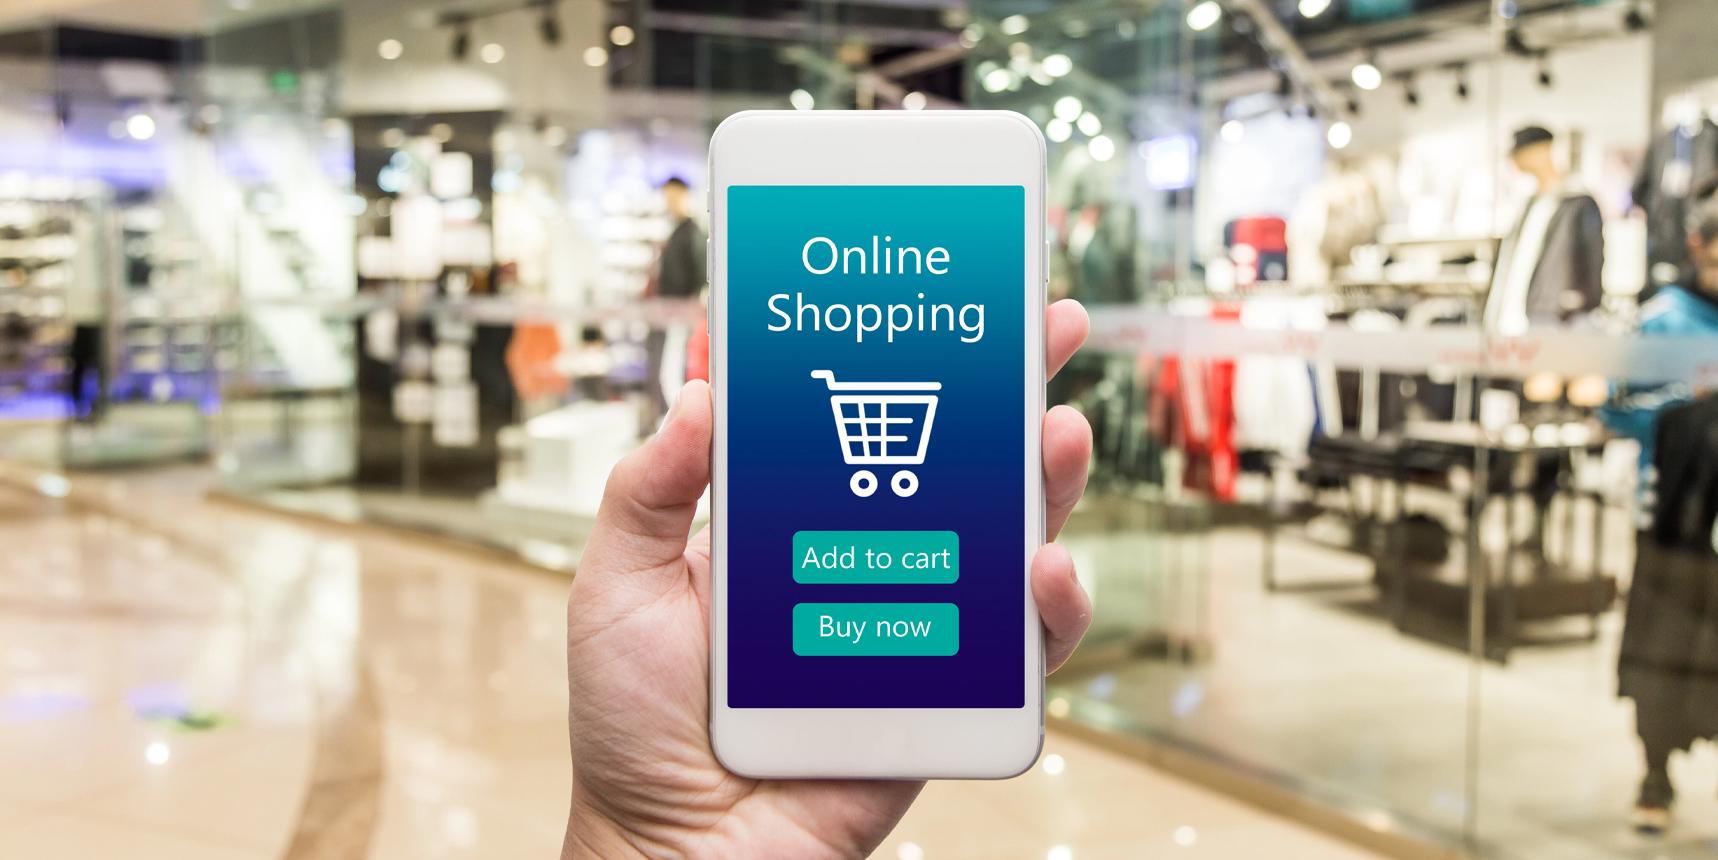 comercio tradicional vs. comercio electrónico